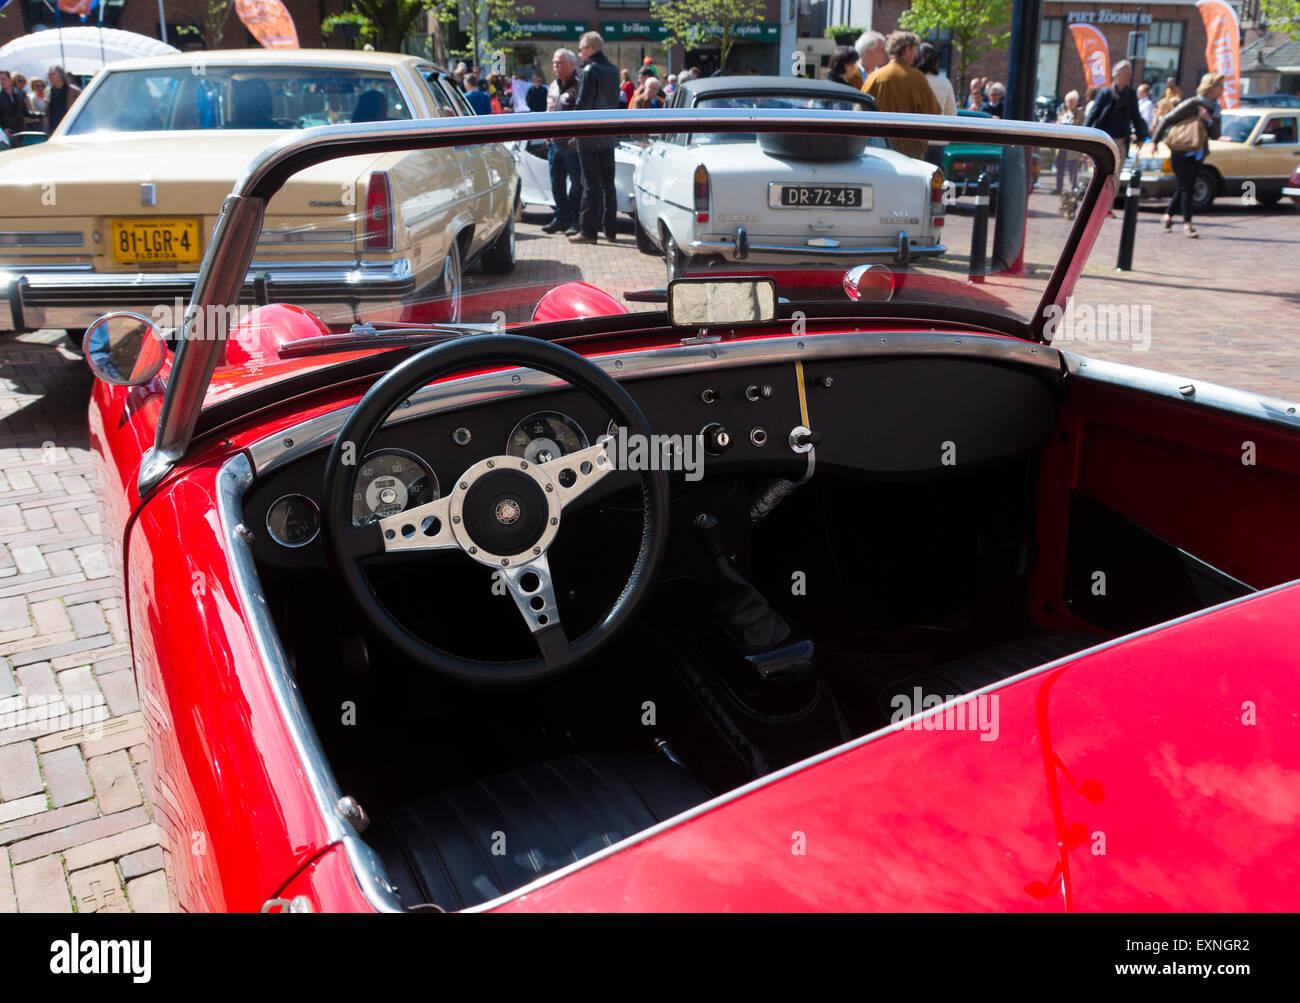 Innenraum Eines Austin Healey Oldtimer Autos Wahrend Der 14 Orange